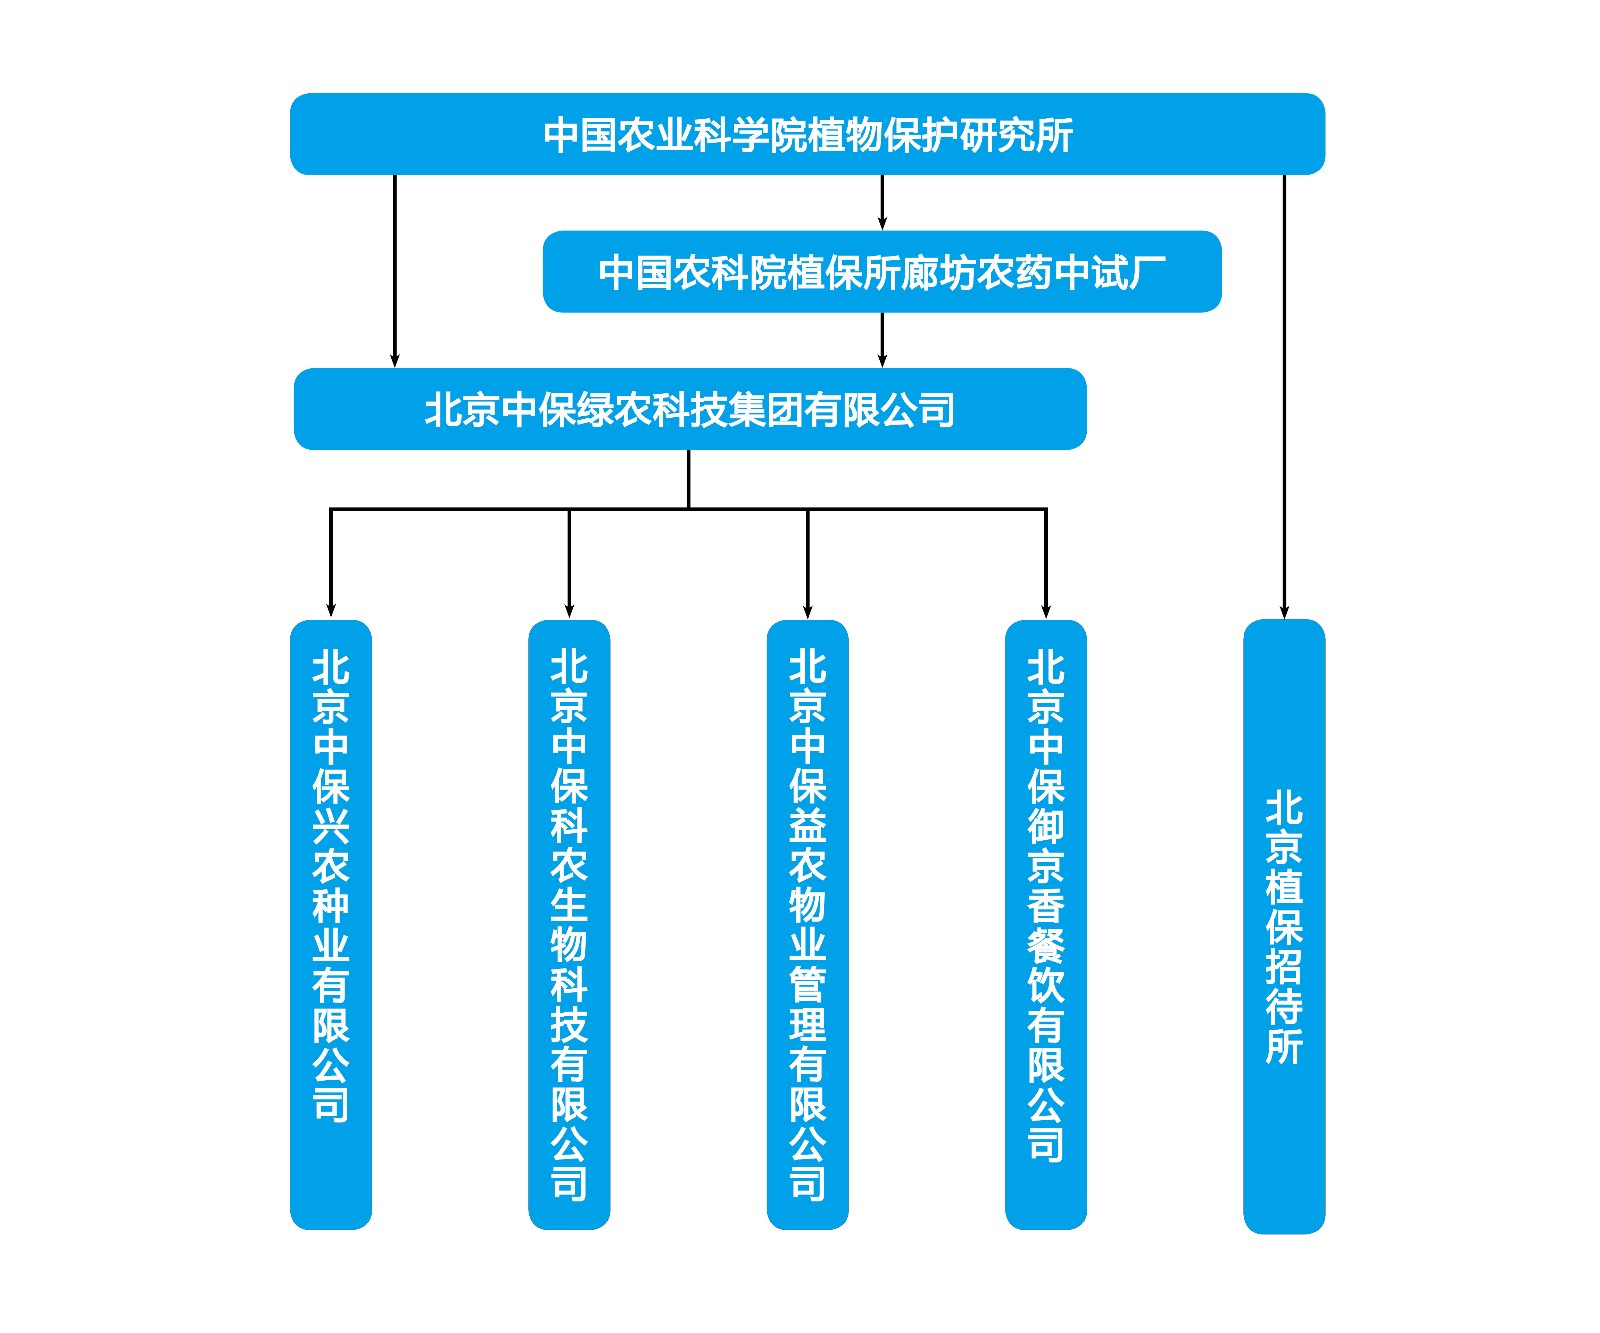 企业架构.jpg